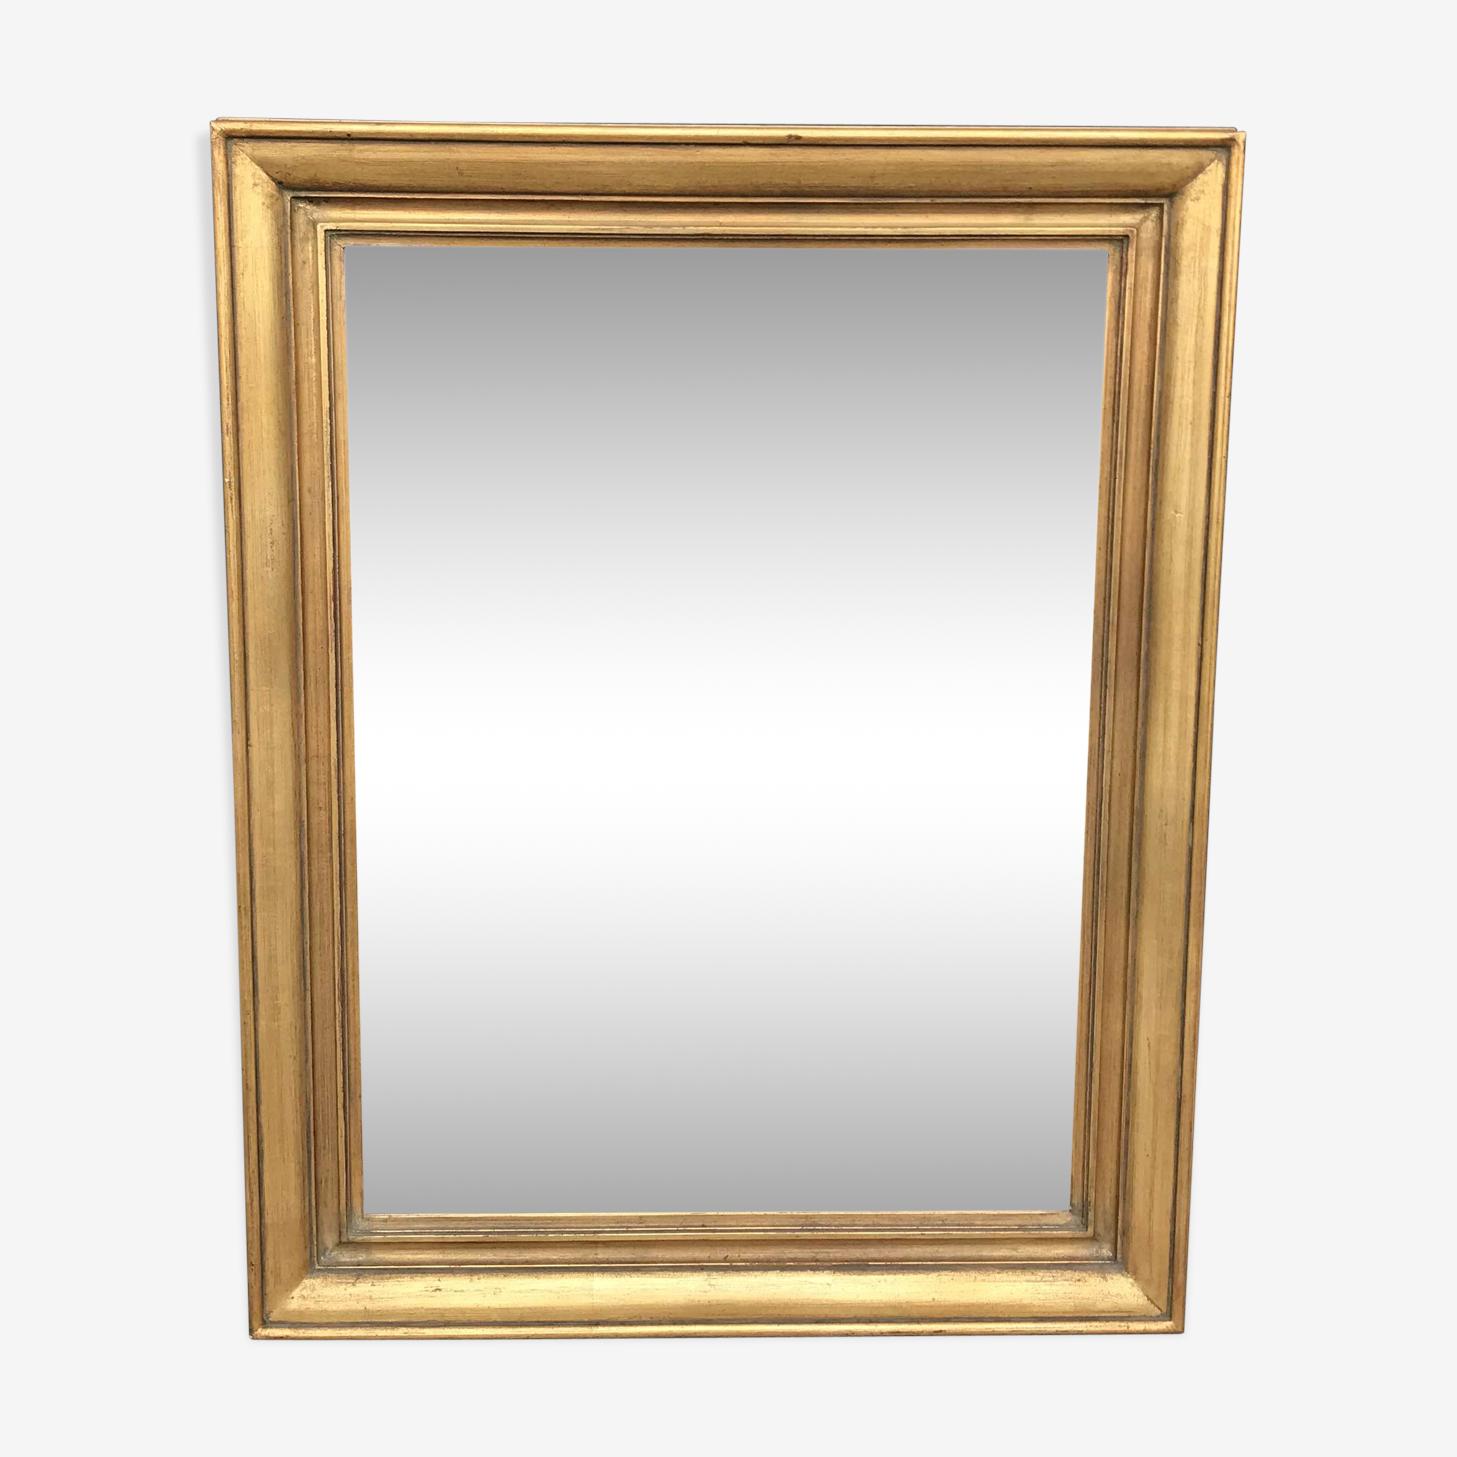 Miroir ancien doré 77cm x 61cm